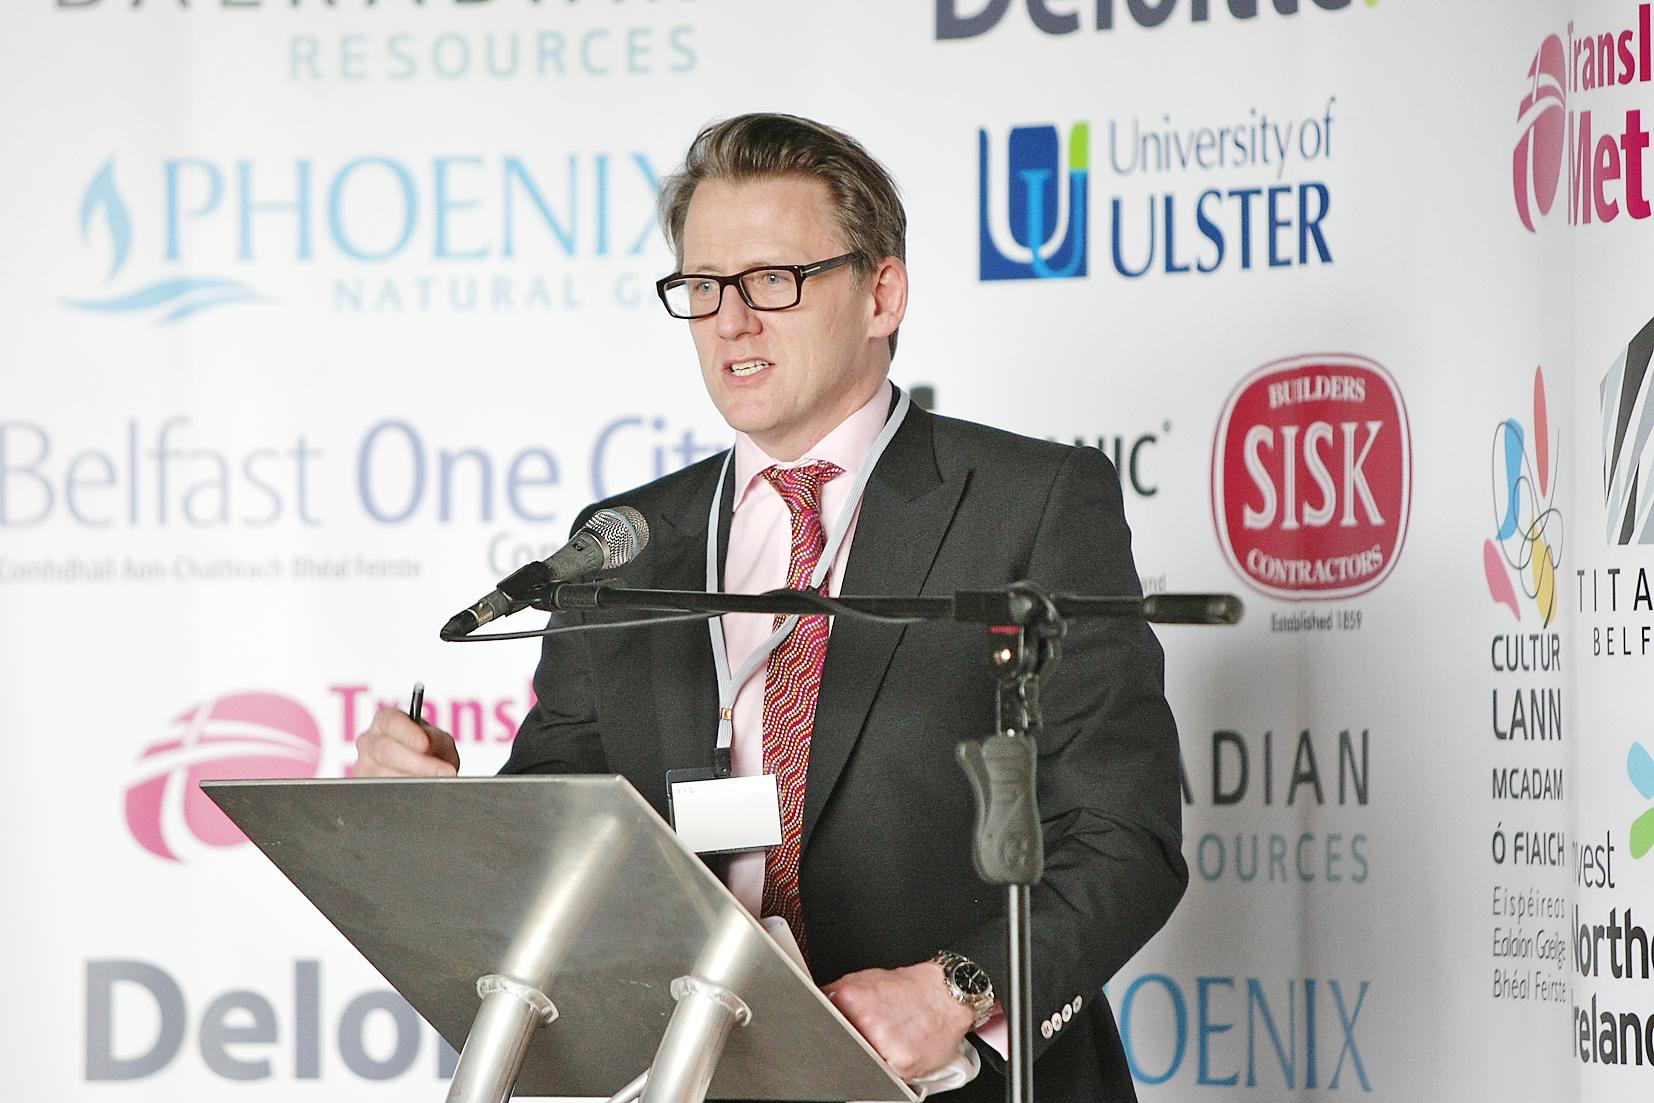 One City Conference Titanic Belfast 48105mj13